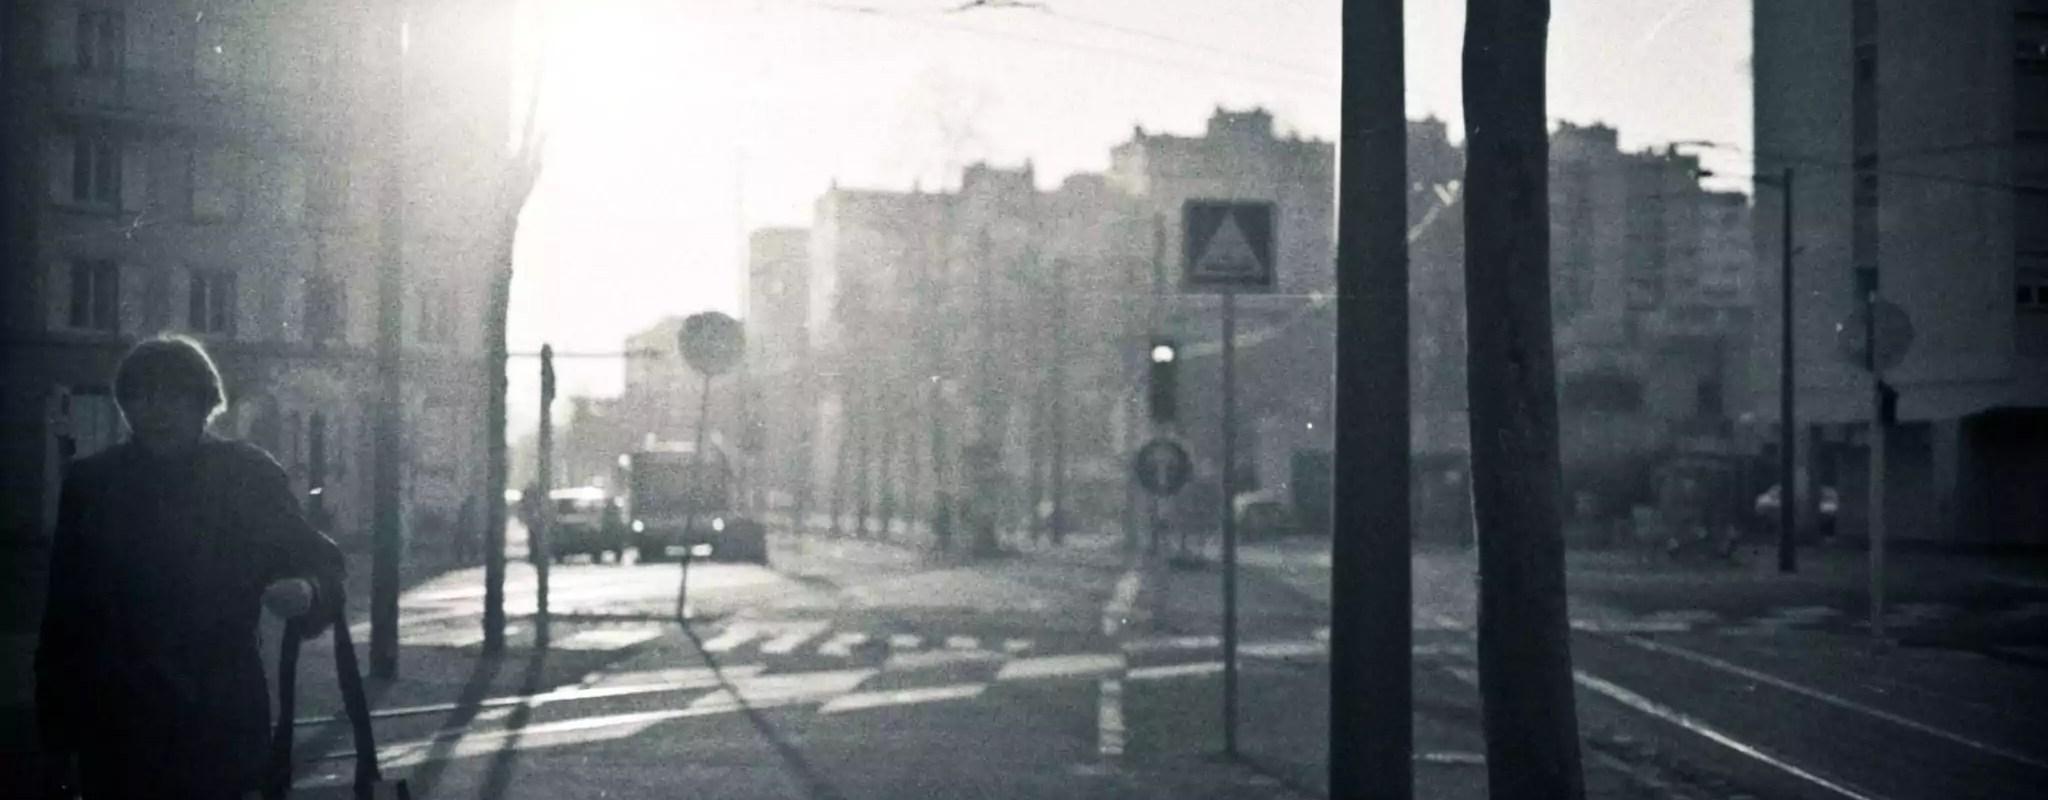 Contre la pollution de l'air, des médecins strasbourgeois demandent 100000€ par jour à l'État